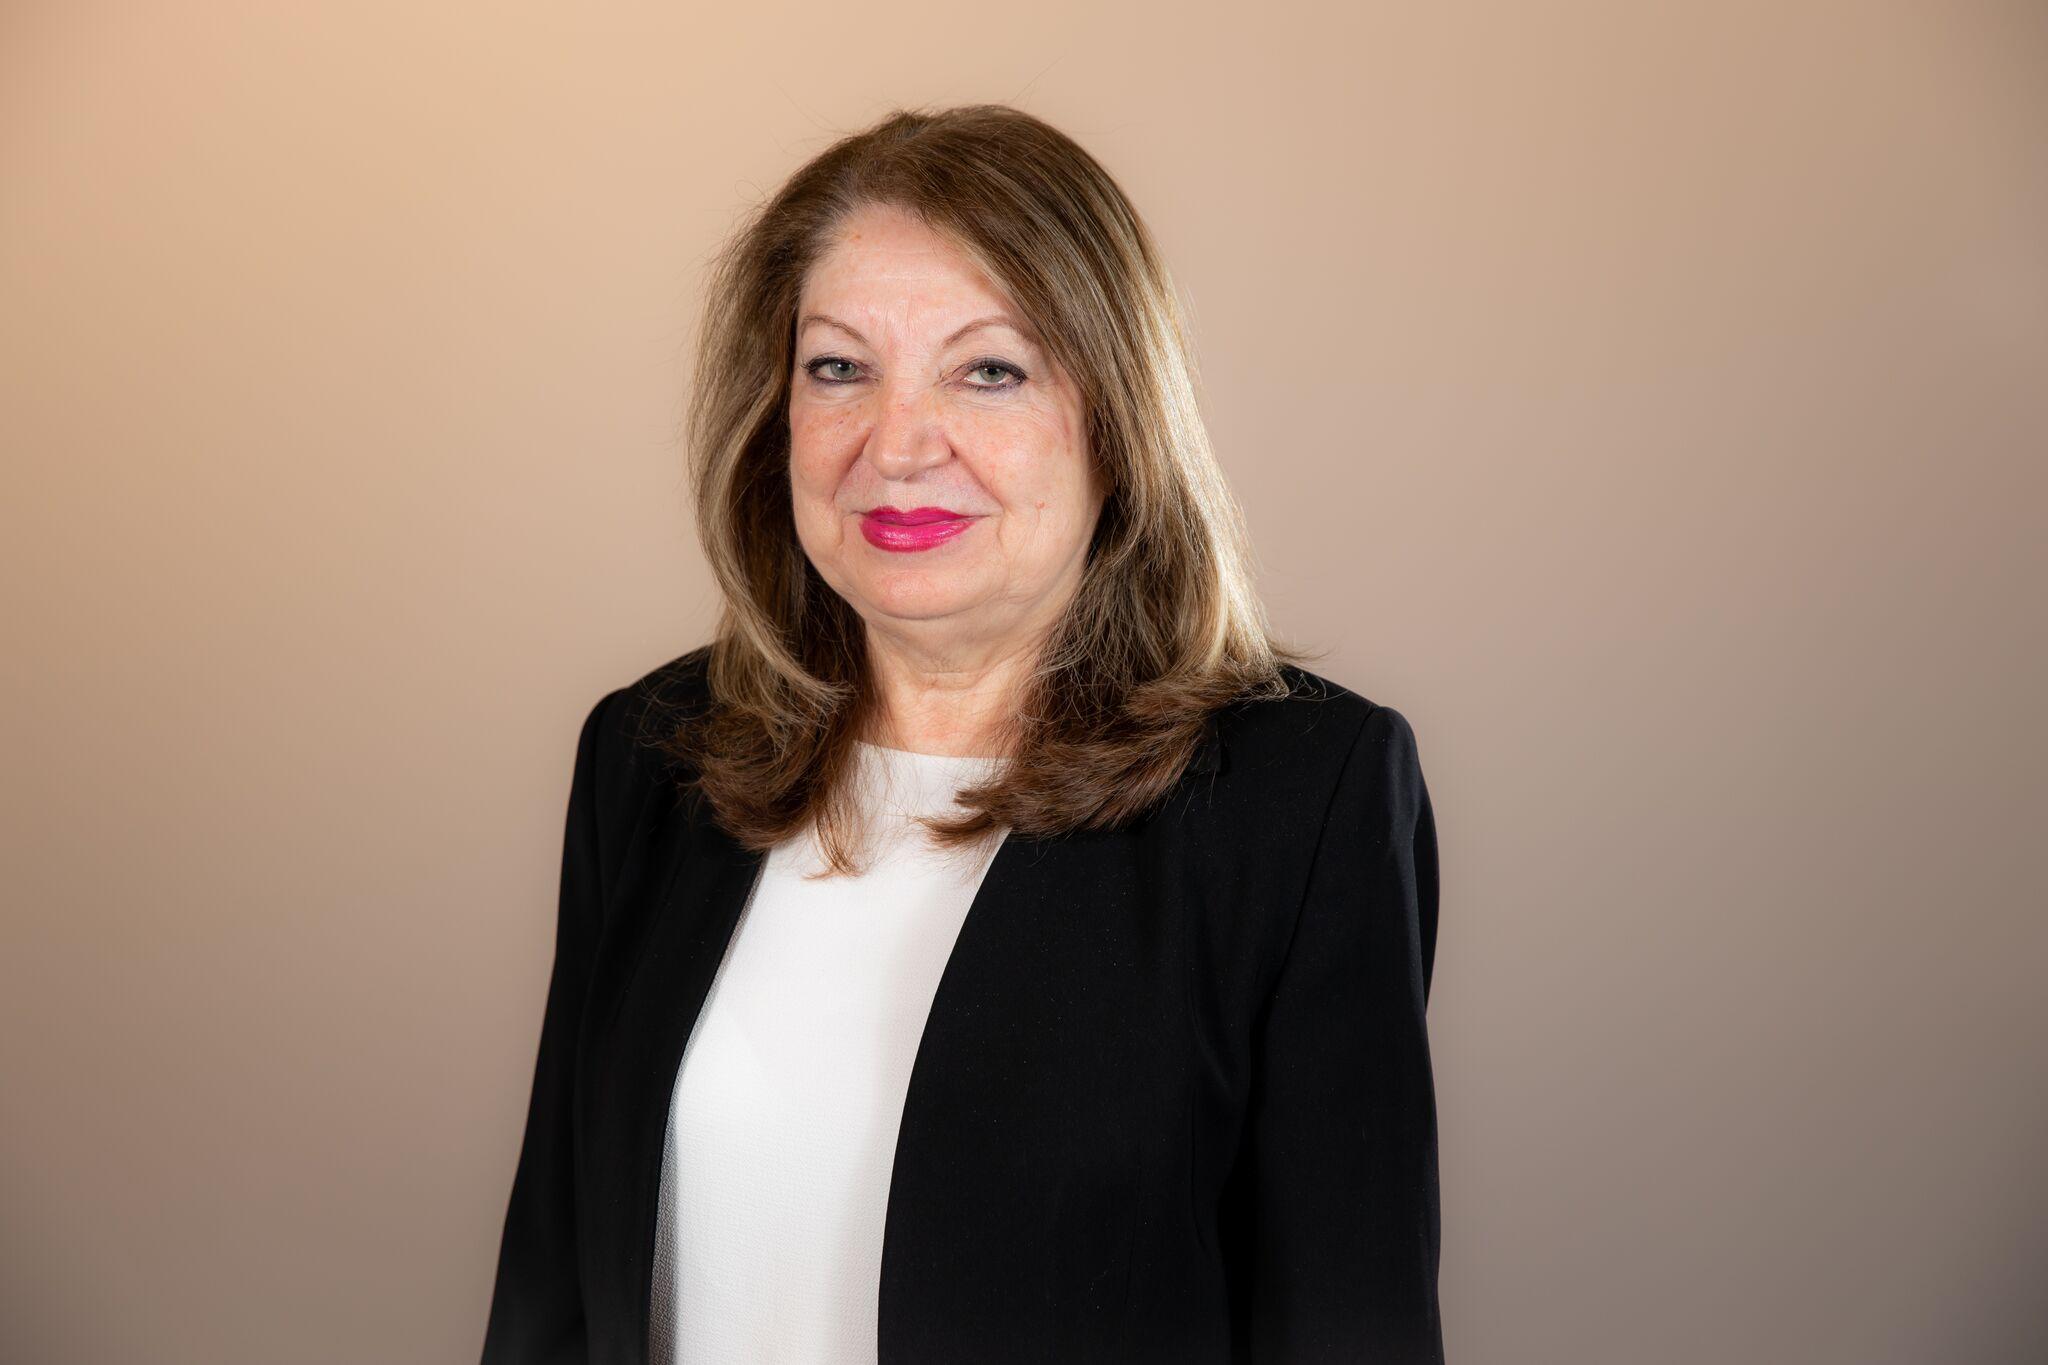 Maureen Kanoon